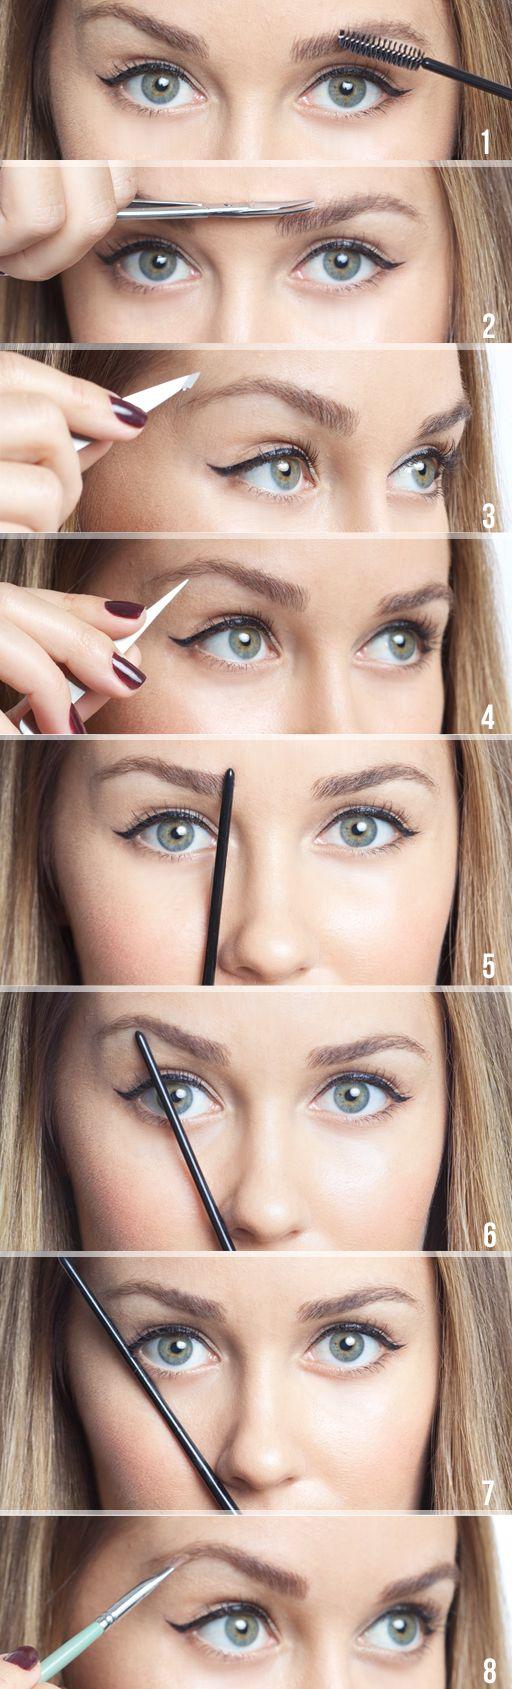 Makeup for black dress green eyes  Wedding Geekery The Beauty Department  My Closet  Pinterest